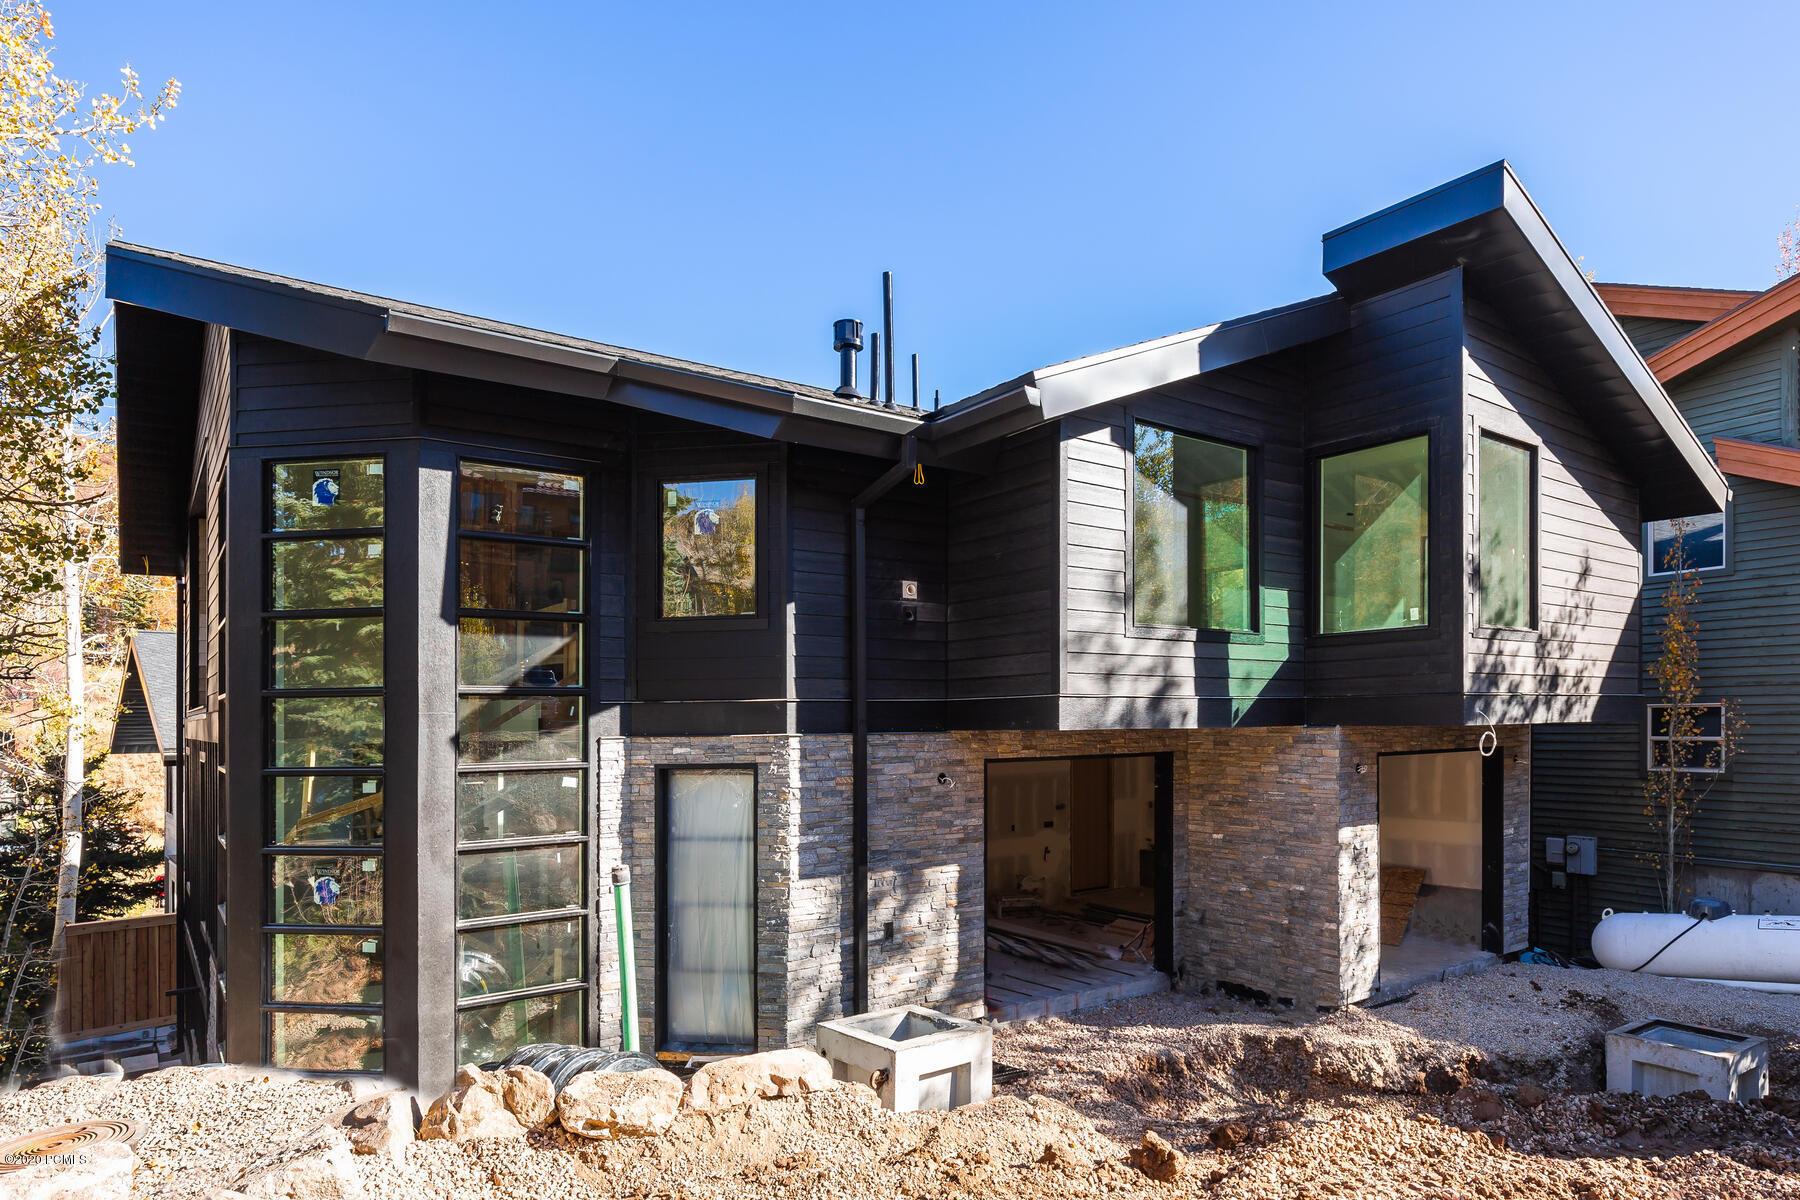 553 Deer Valley Loop Road, Park City, Utah 84060, 5 Bedrooms Bedrooms, ,7 BathroomsBathrooms,Single Family,For Sale,Deer Valley Loop,11908581